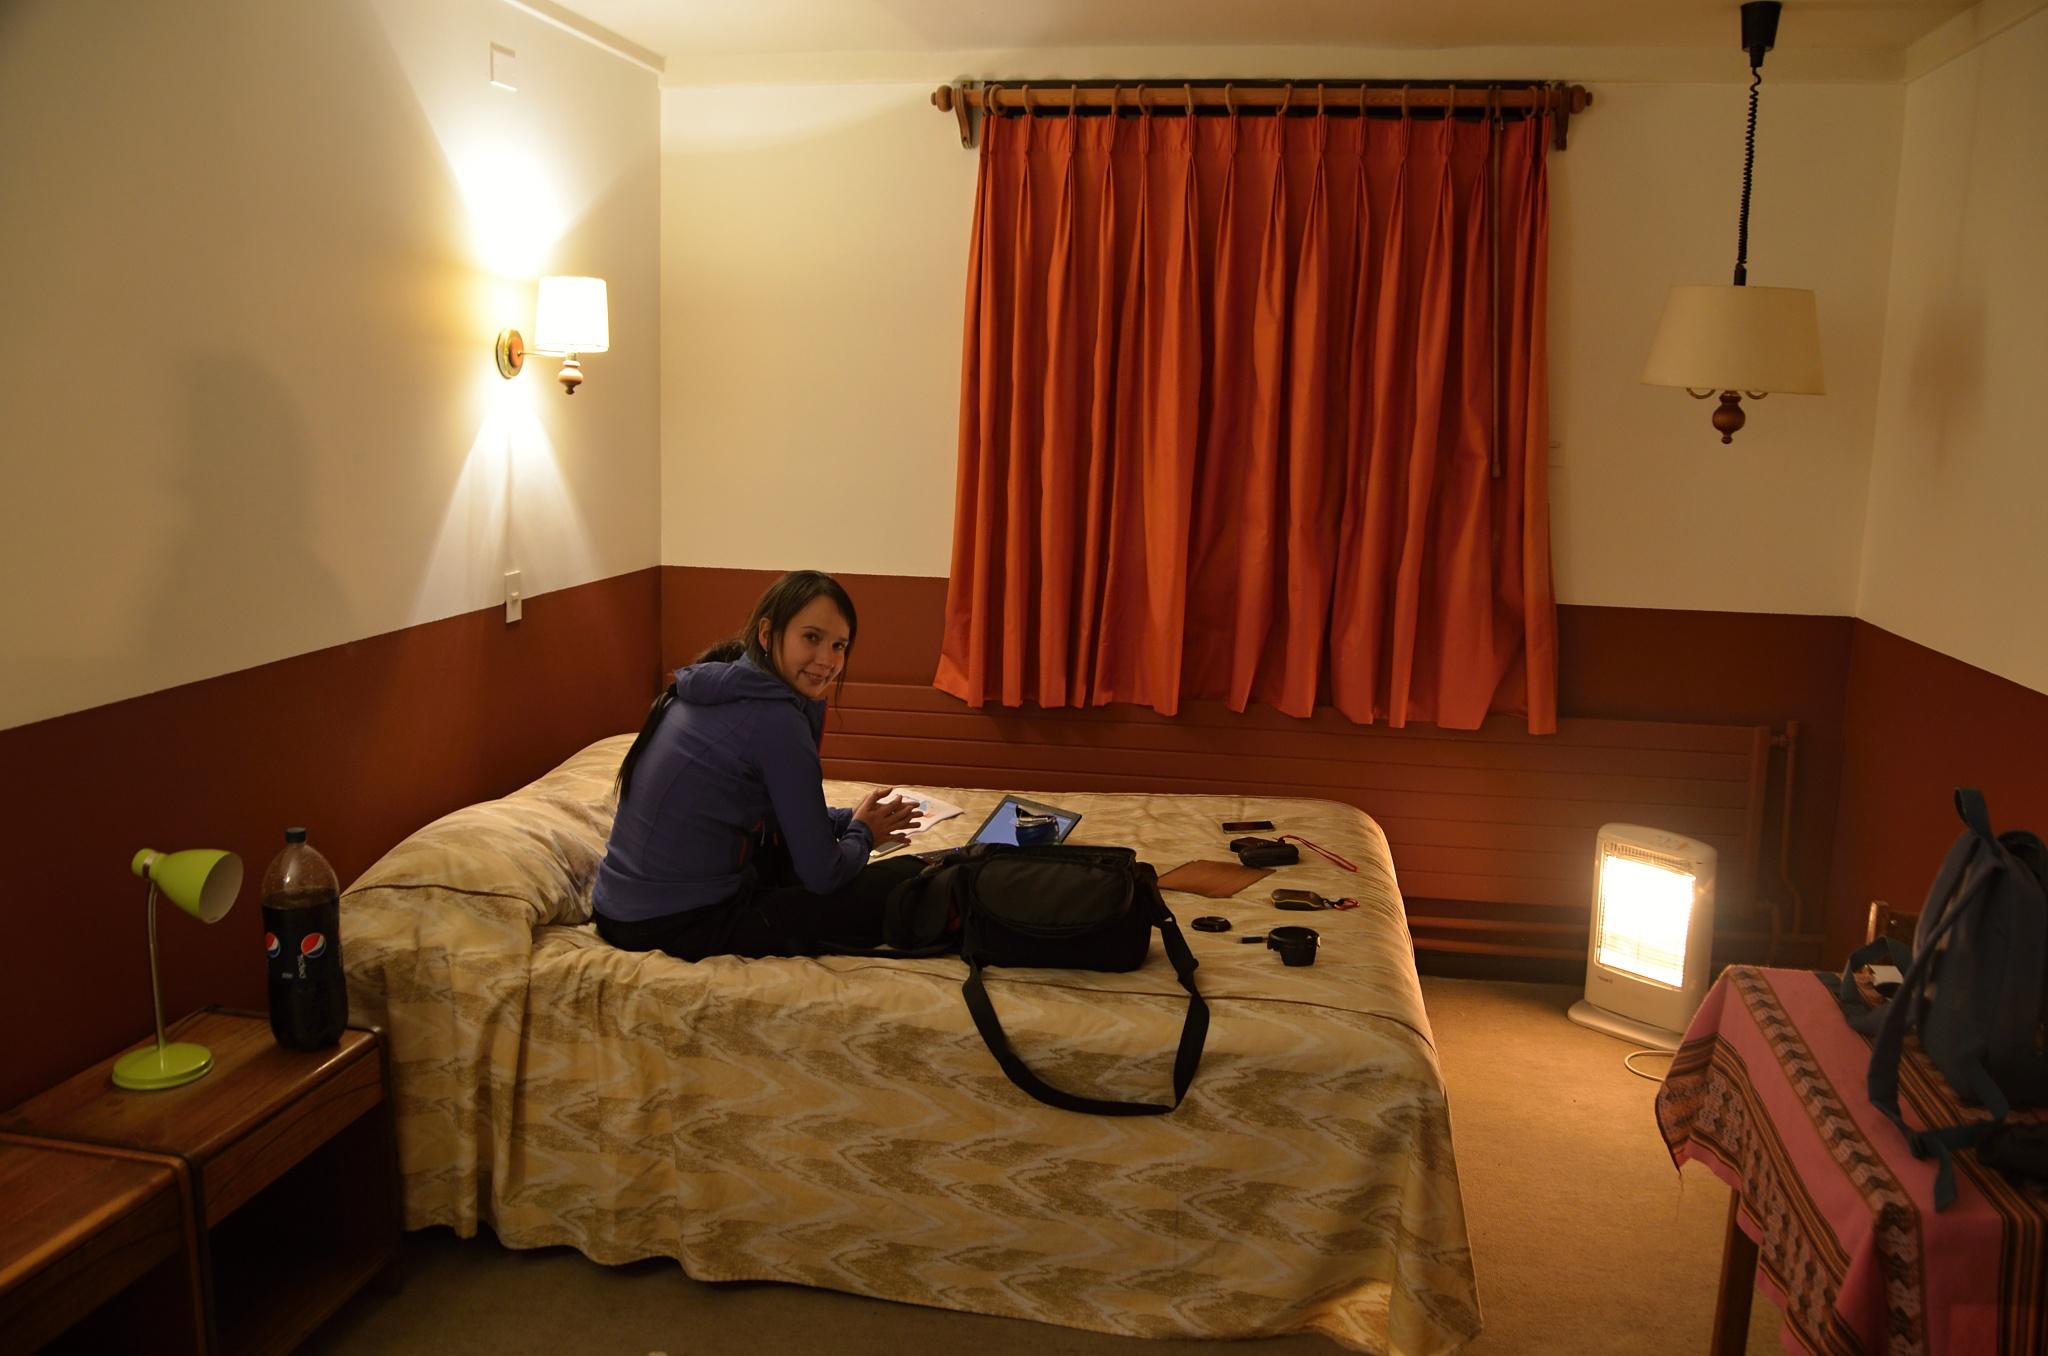 Hotel Las Vicuñas, konečně pod střechou!